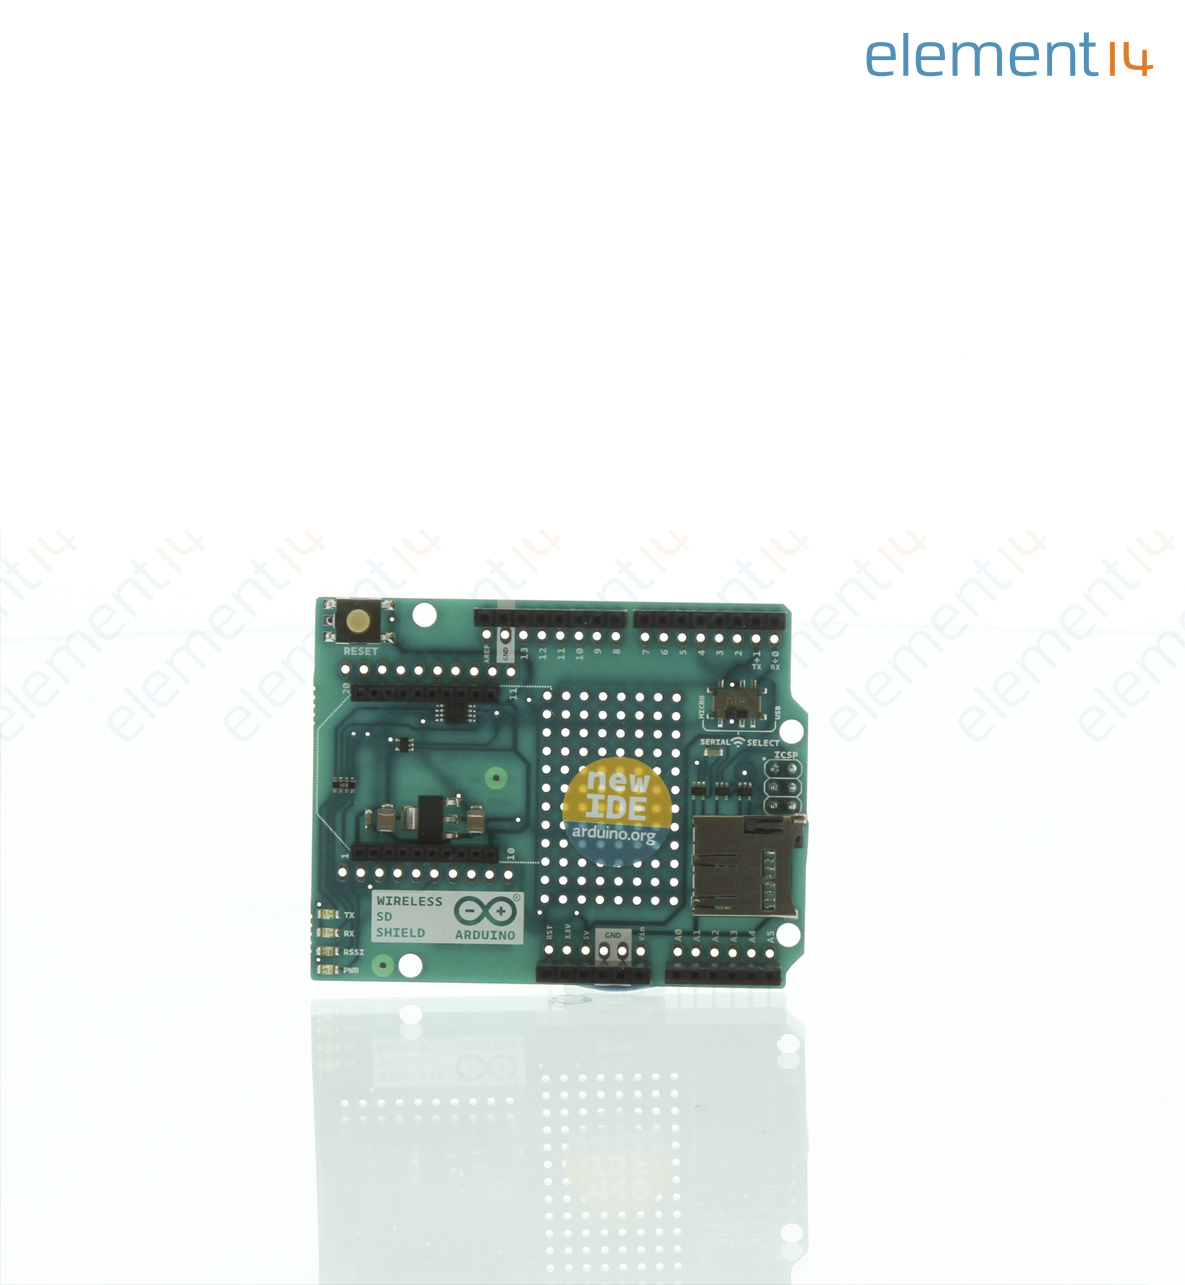 A000065 Arduino Daughter Board Proto Wireless Sd Shield Polarity Switch Element14 Add To Compare